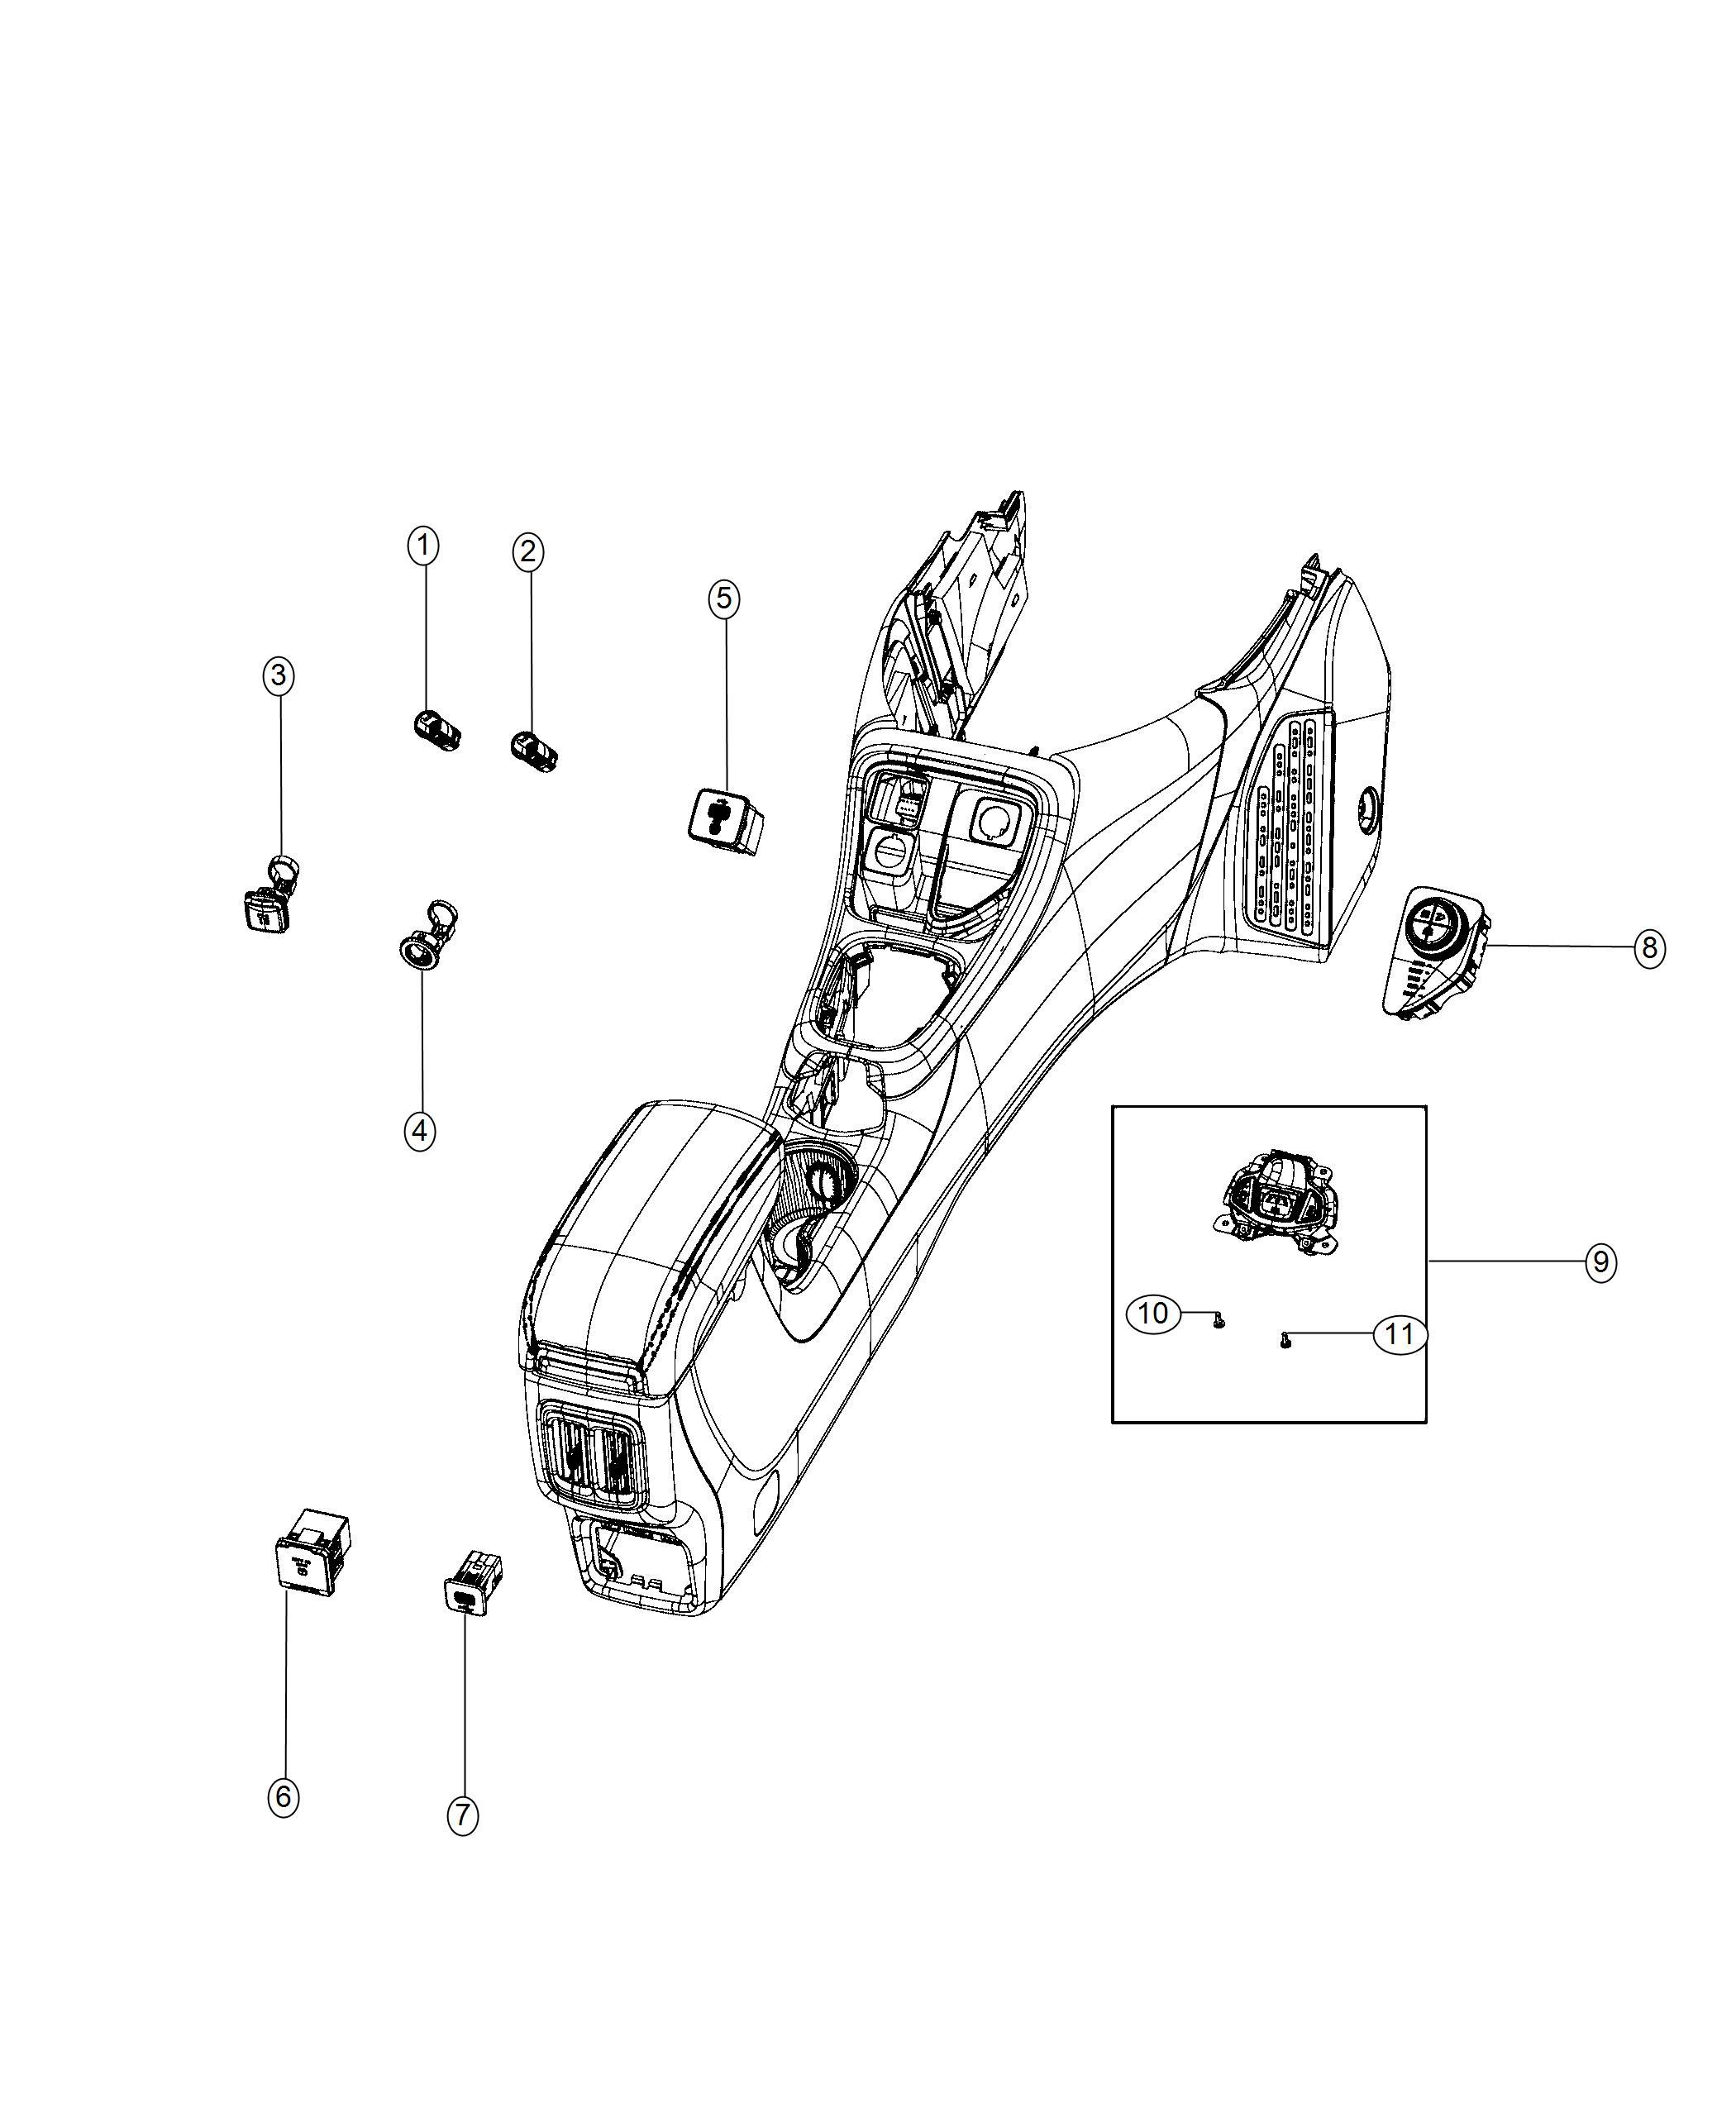 Jeep Renegade Usb Charging Port Trim No Description